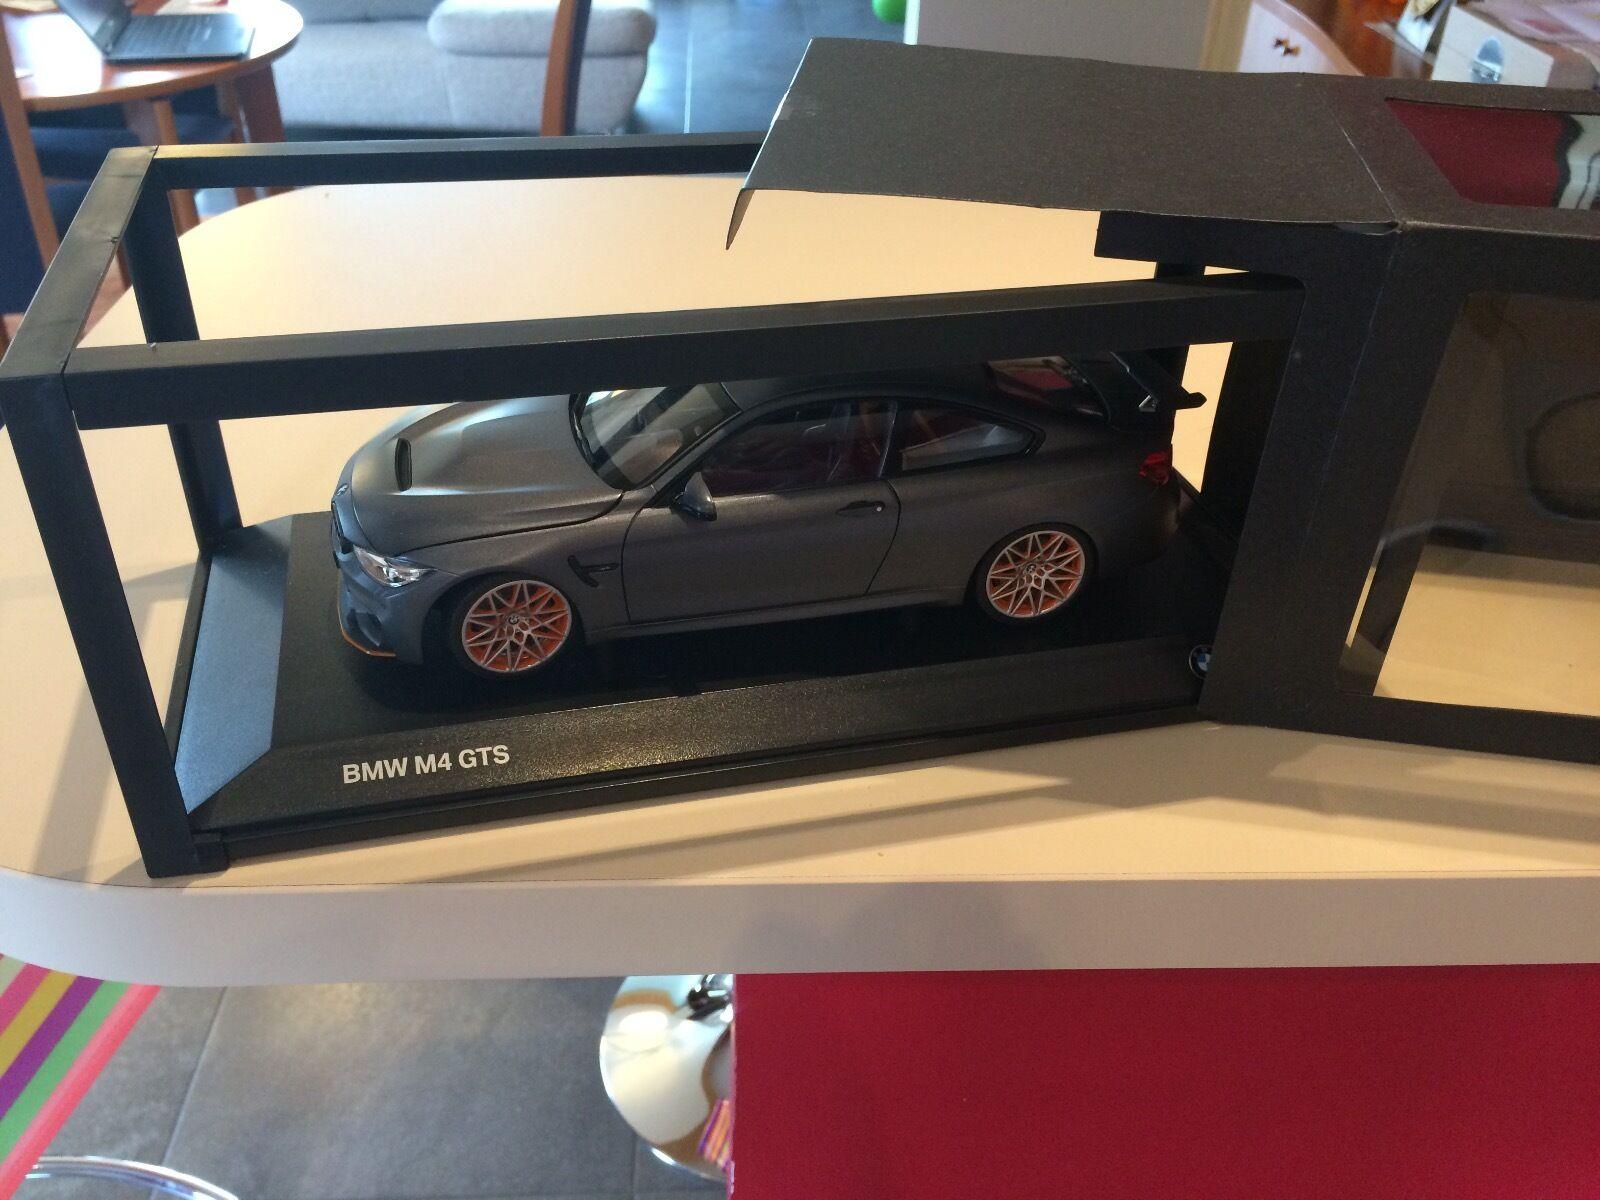 BMW M4 GTS MINICHAMPS NEW IN BOX 1/18